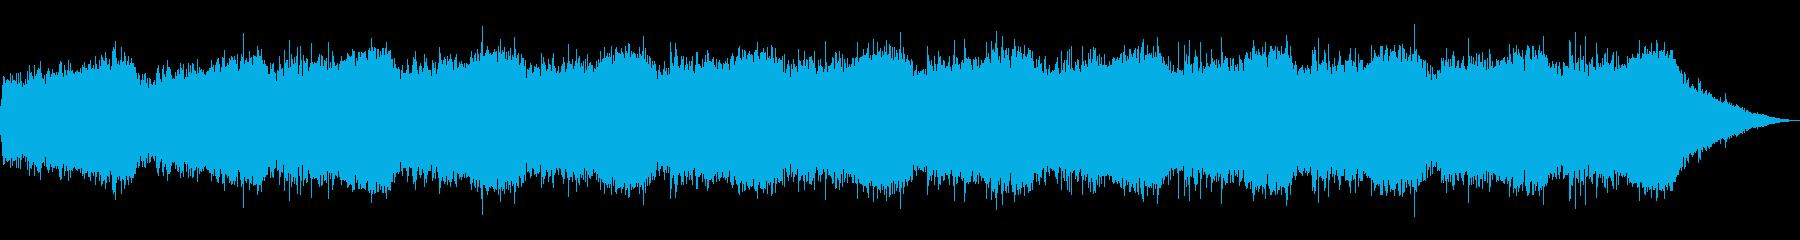 深海、アンビエント、ヒーリングの再生済みの波形